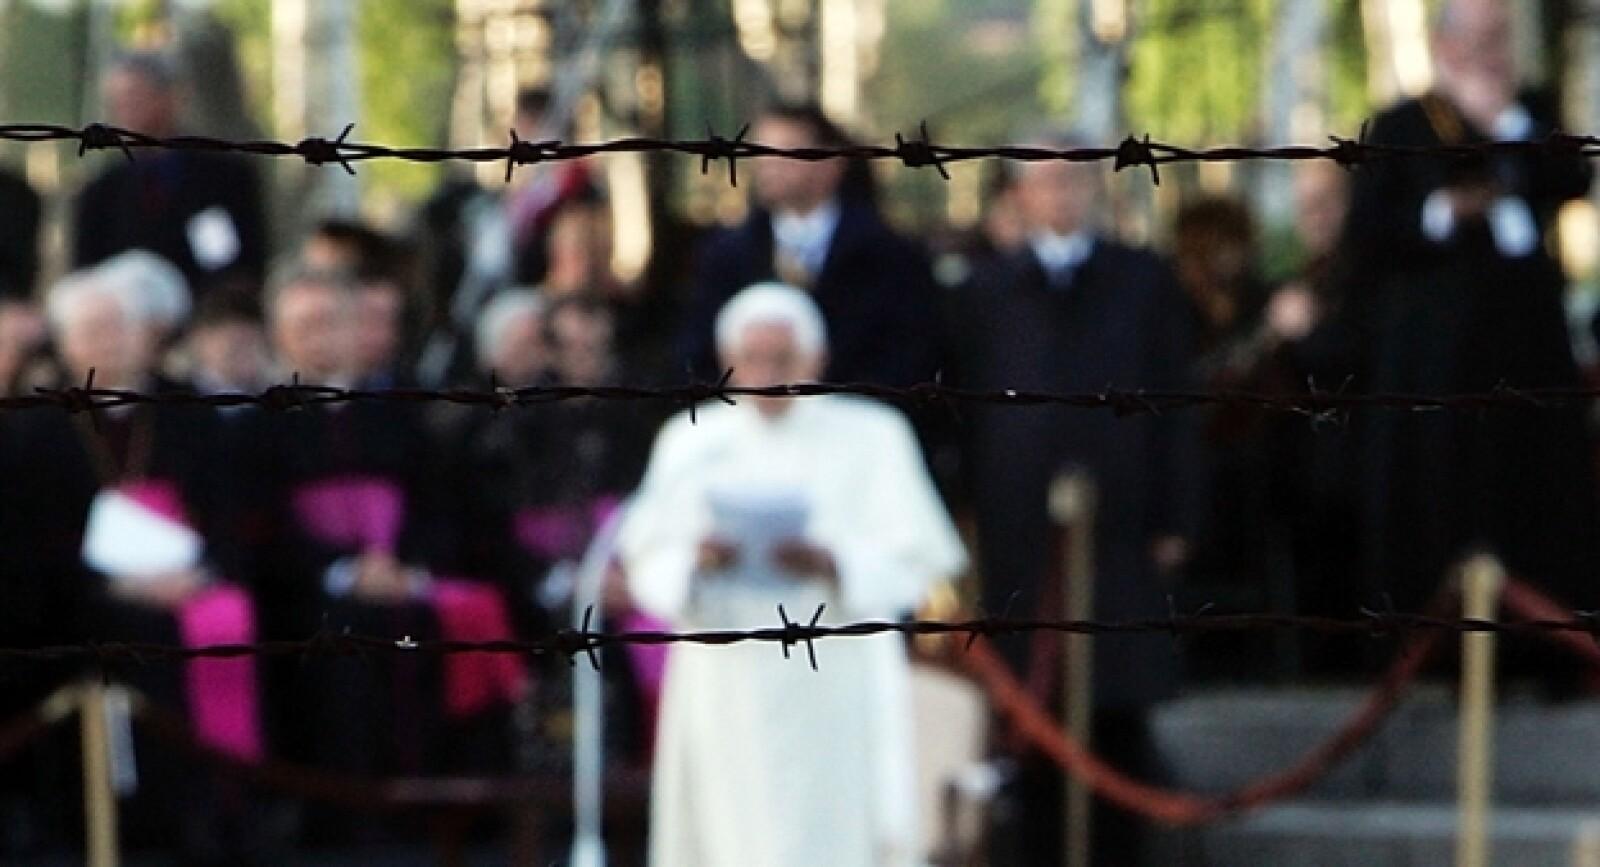 Benedicto Auschwitz